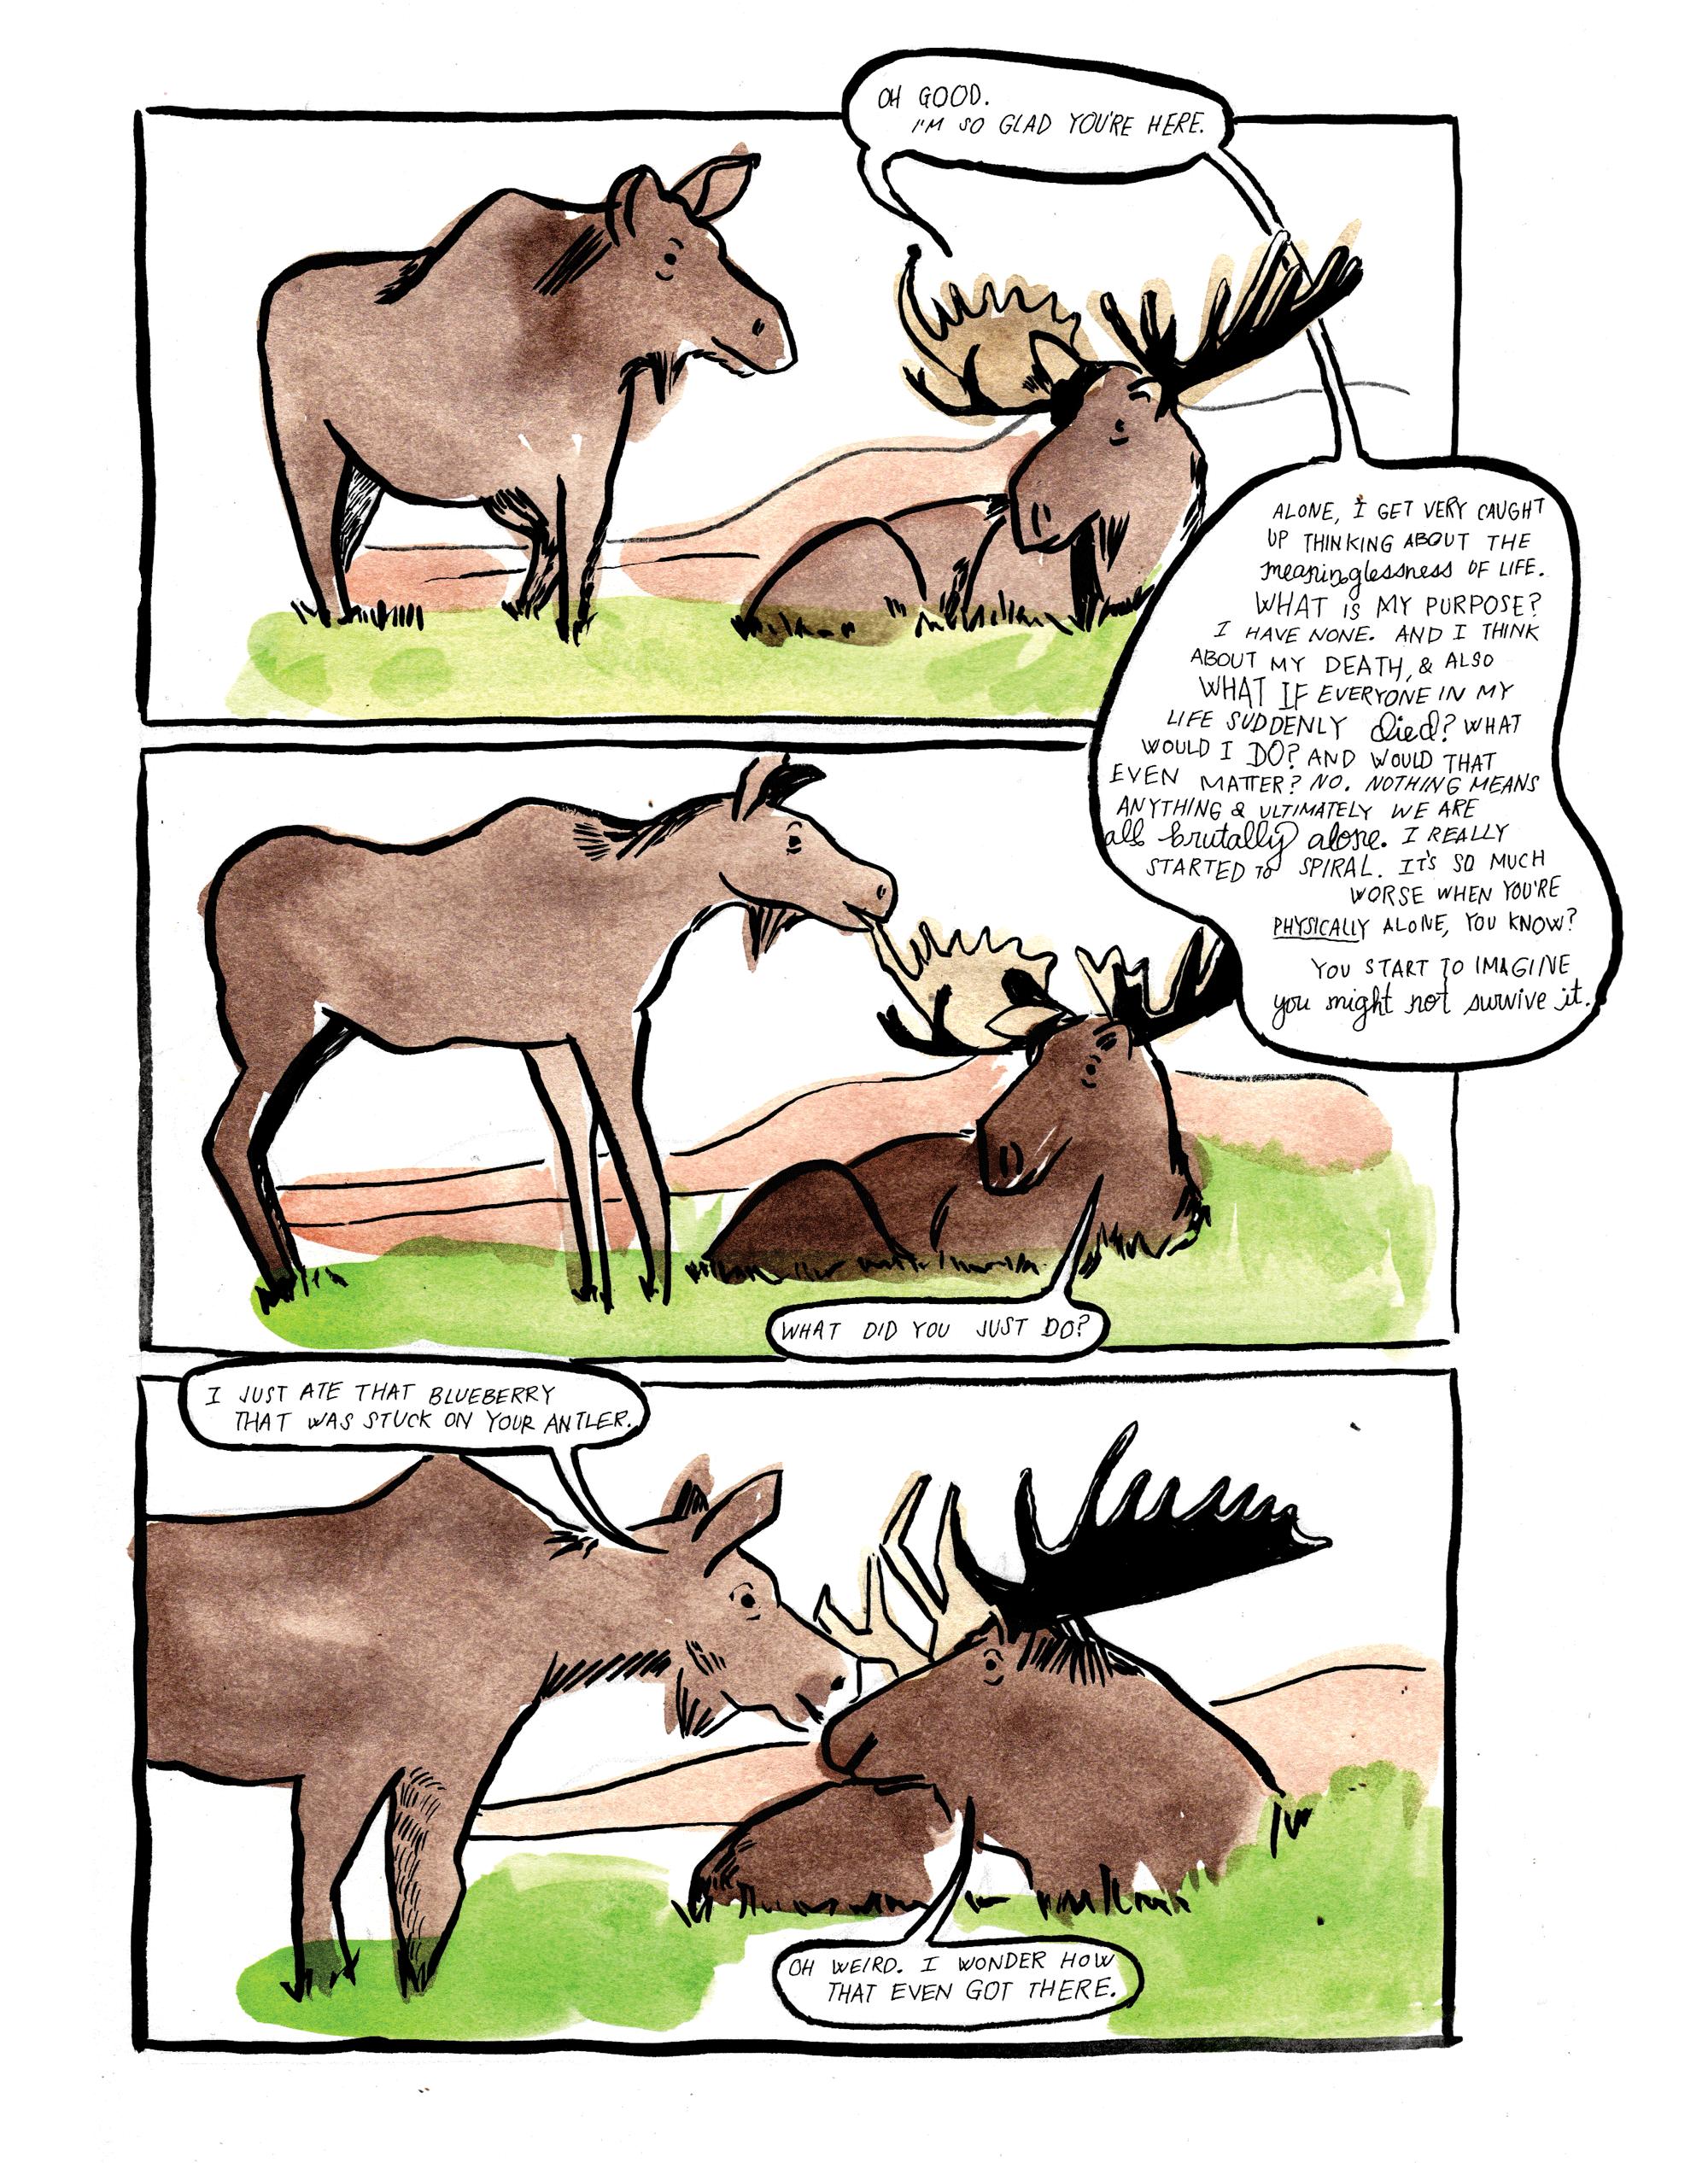 2moose2